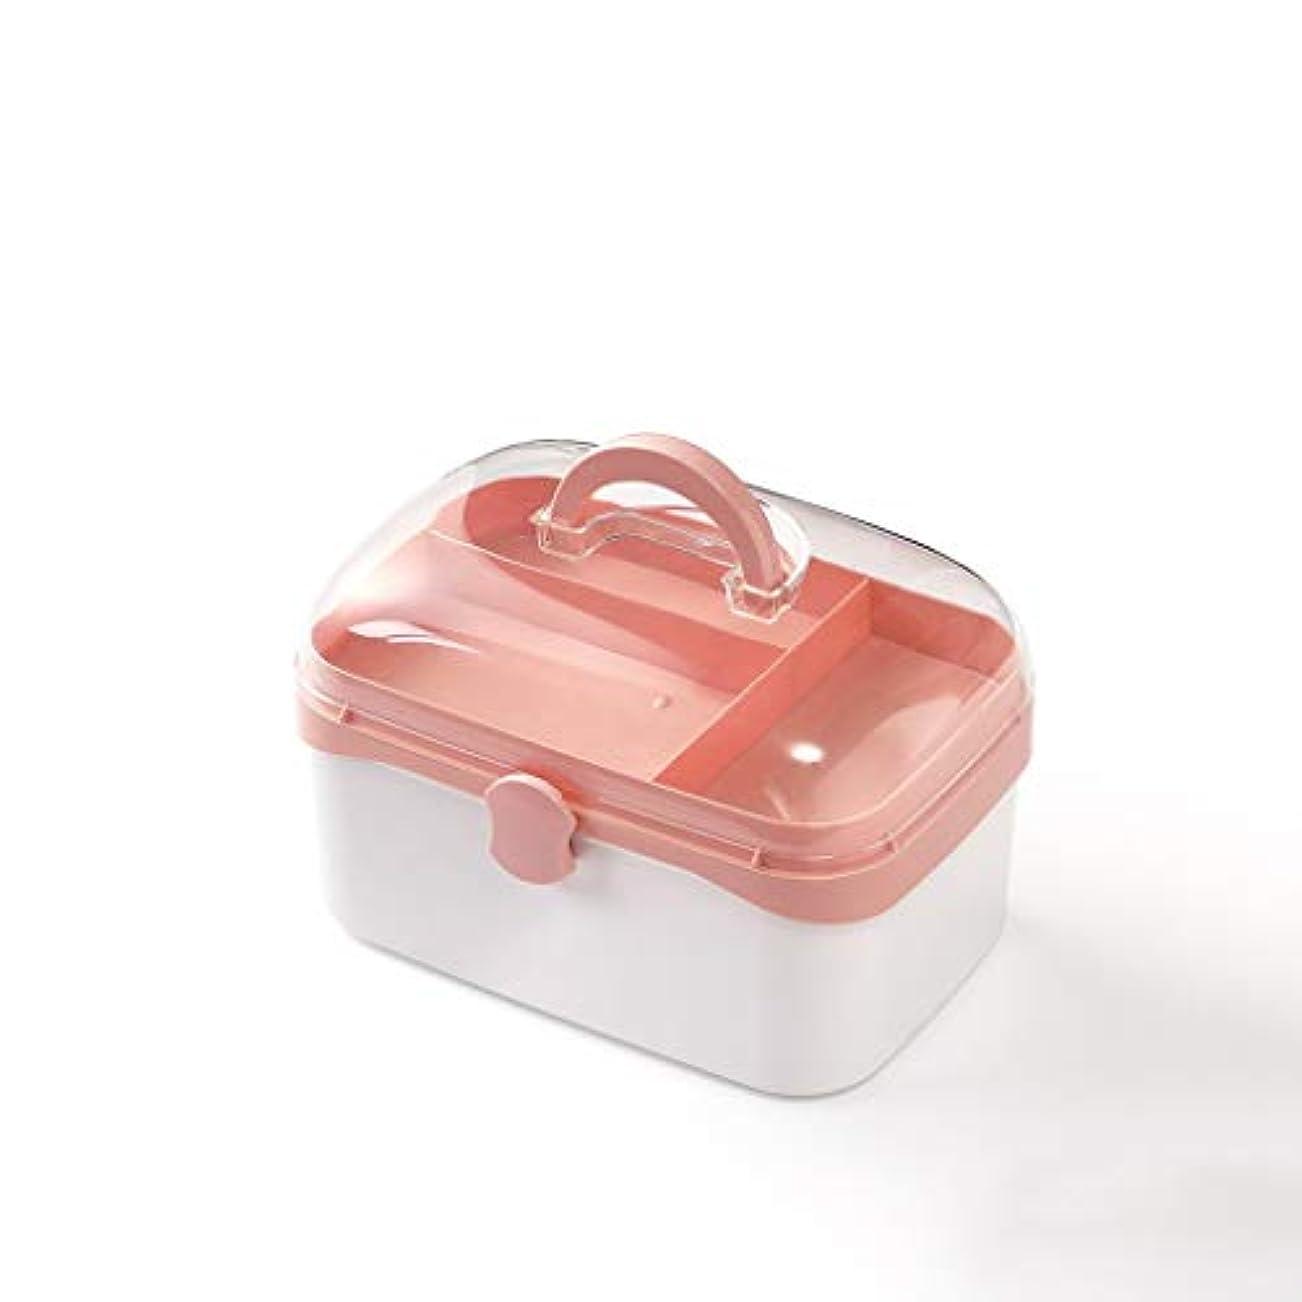 下品トレイル混乱した大薬箱ホーム多層医療箱大容量薬収納ボックス多色オプション AMINIY (Color : Pink, Size : 27.4×18.3×17.4cm)